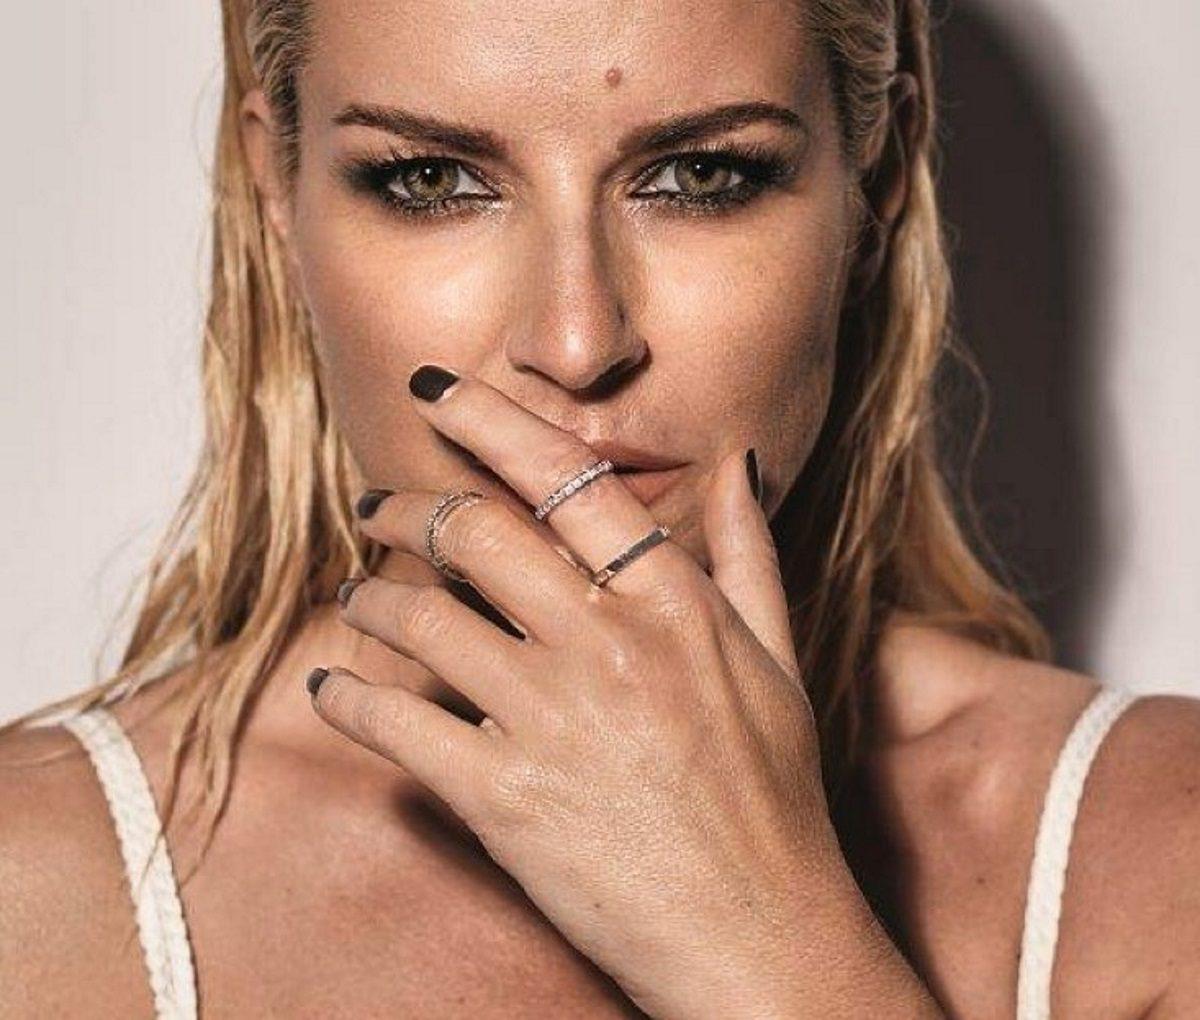 Μαρία Μπεκατώρου: «Πέρσι τέτοια εποχή νόμιζα ότι βρήκα κάτι στο στήθος μου» | tlife.gr